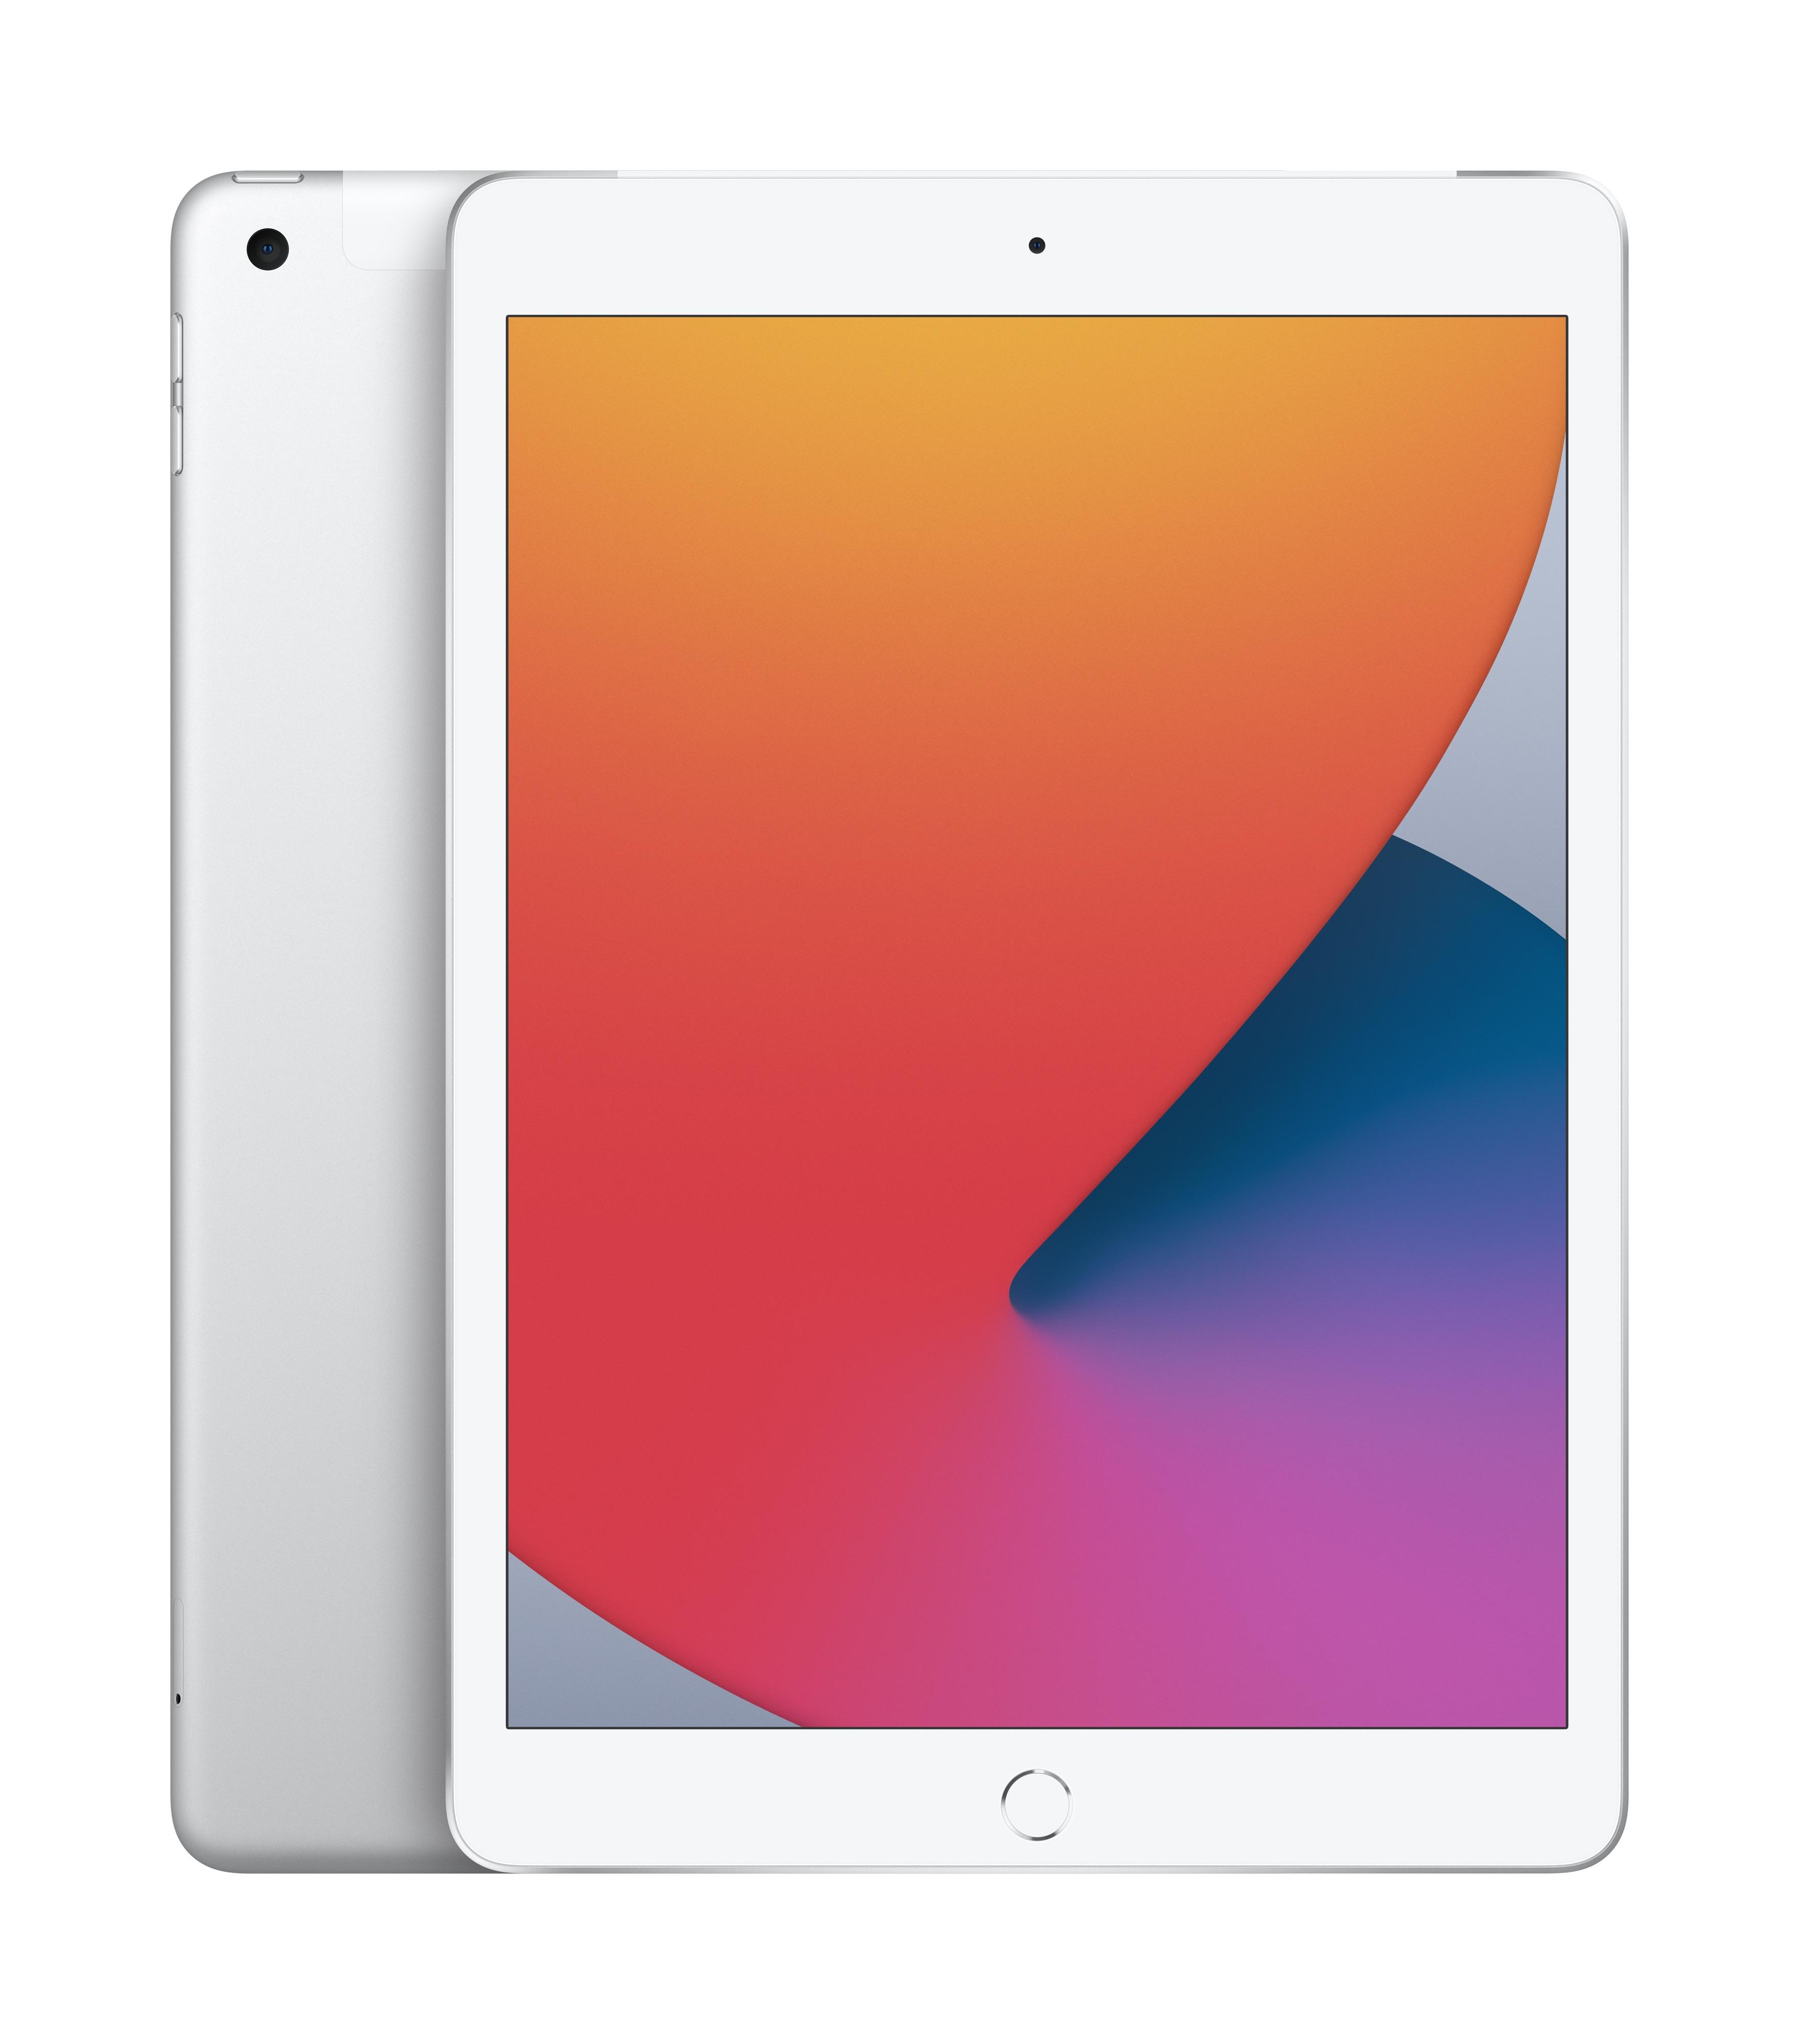 iPad 10.2-inch 32GB Wi-Fi - Silver